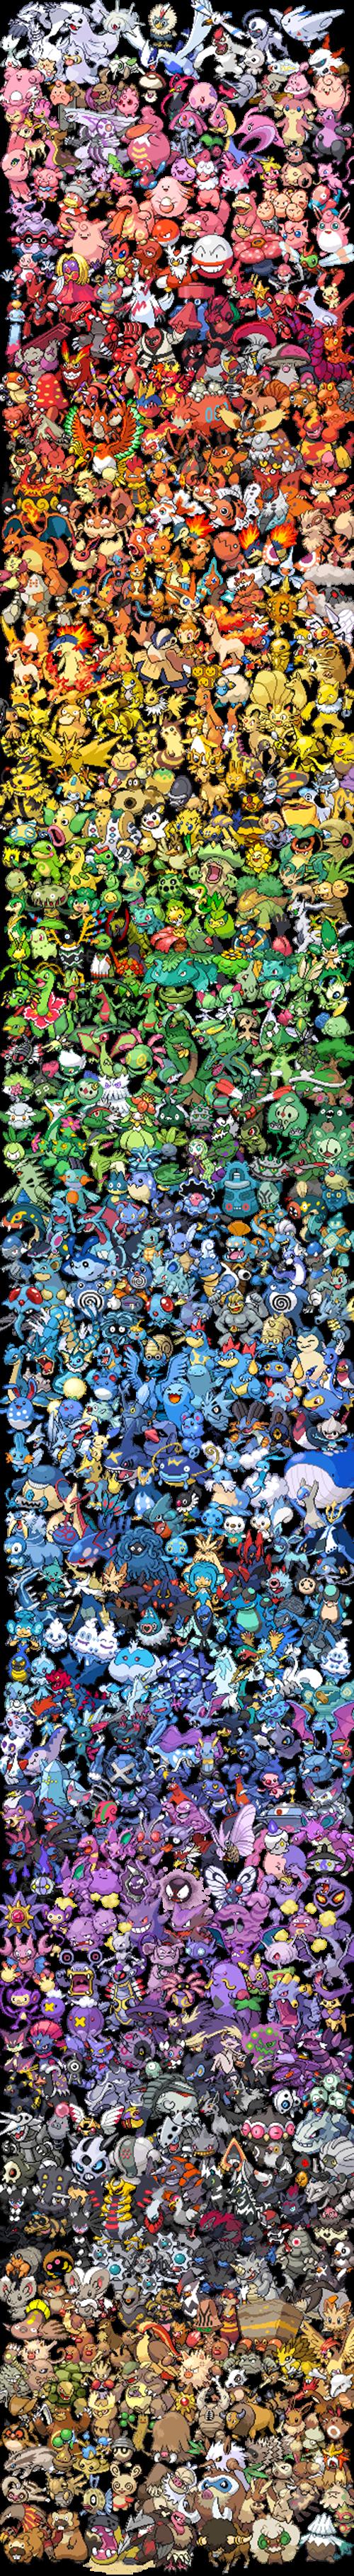 Pokémon colors - 7876567296